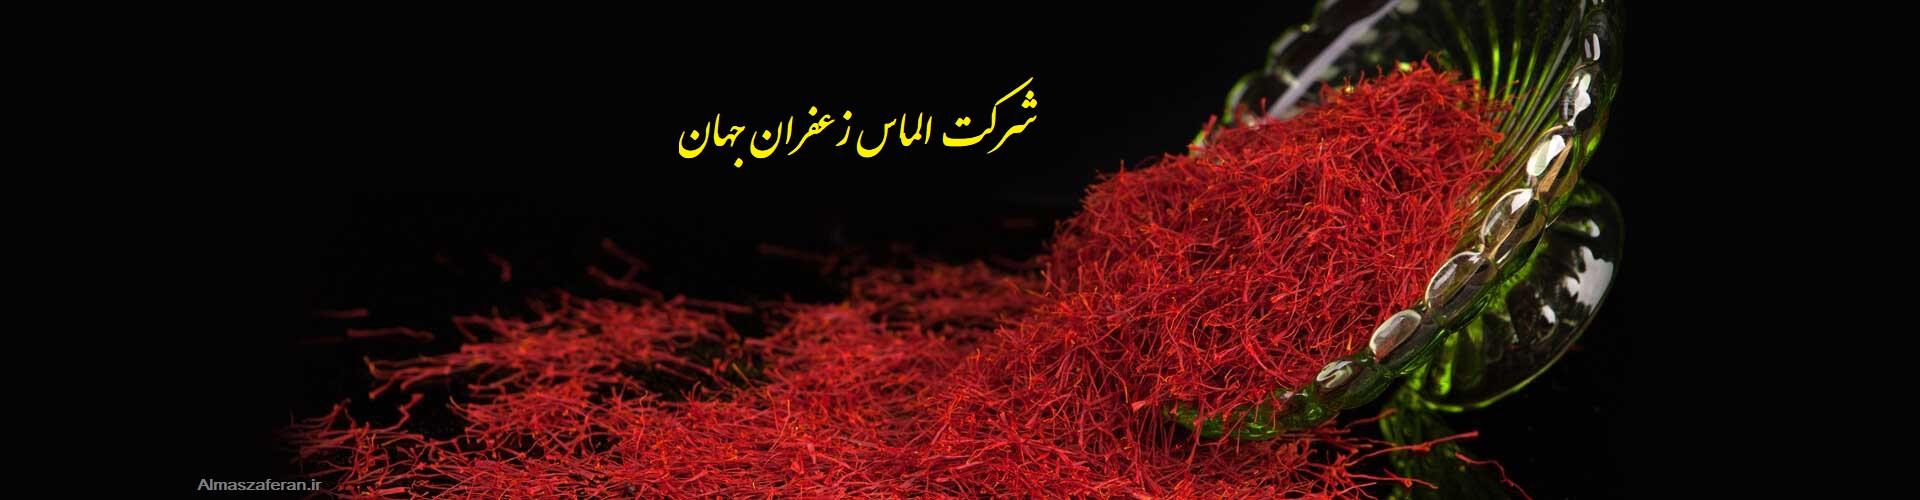 قیمت روز زعفران فله و قیمت خرید زعفران